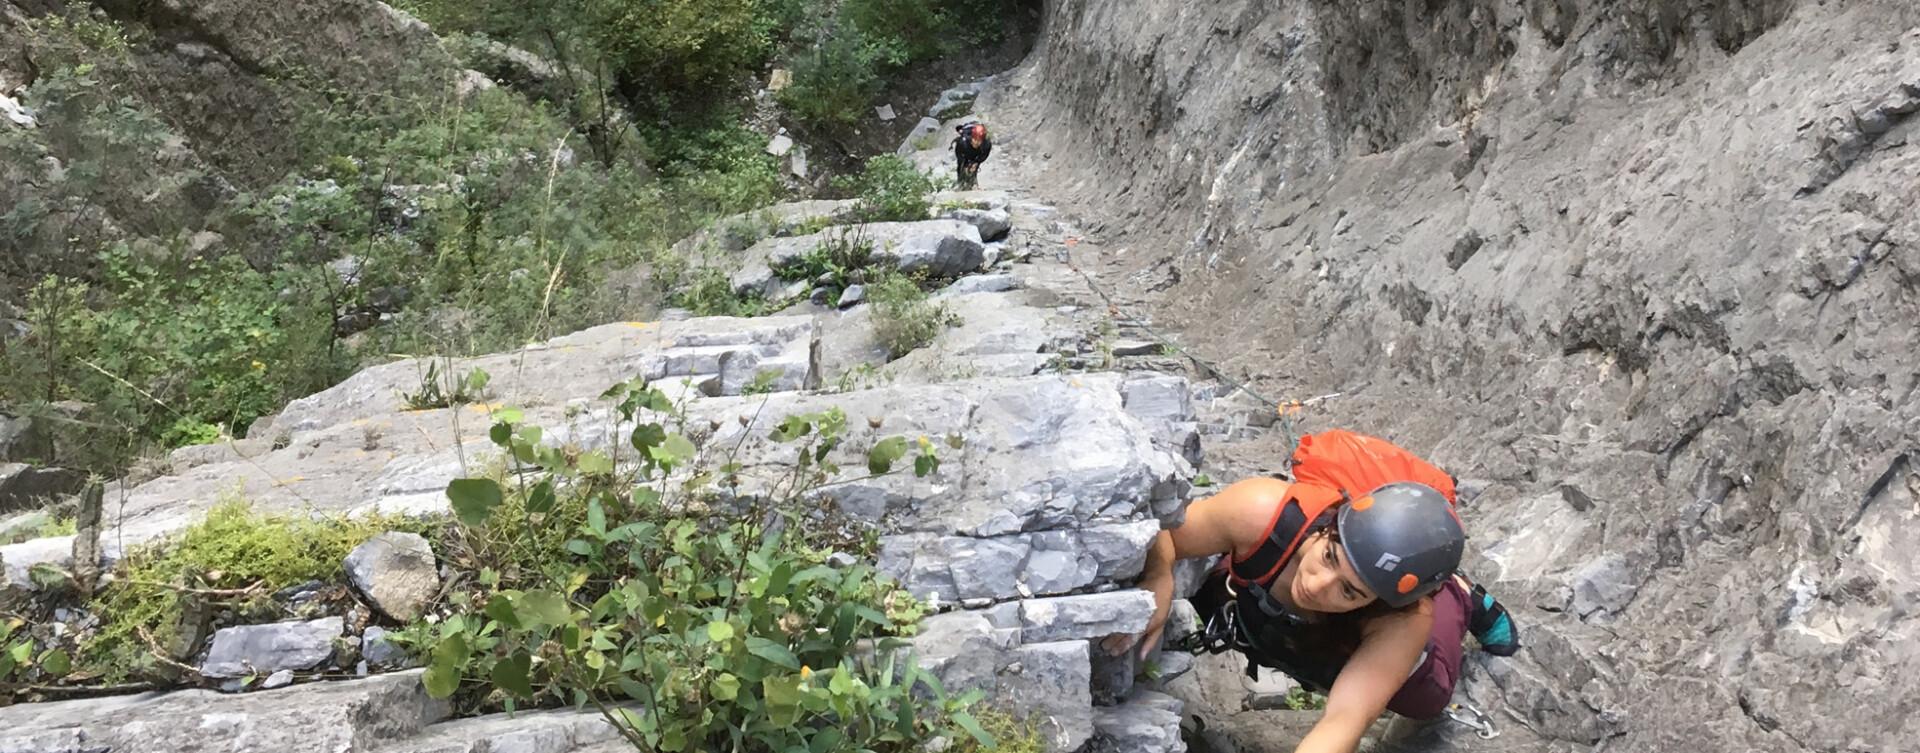 Escalade à El Potrero Chico au Mexique